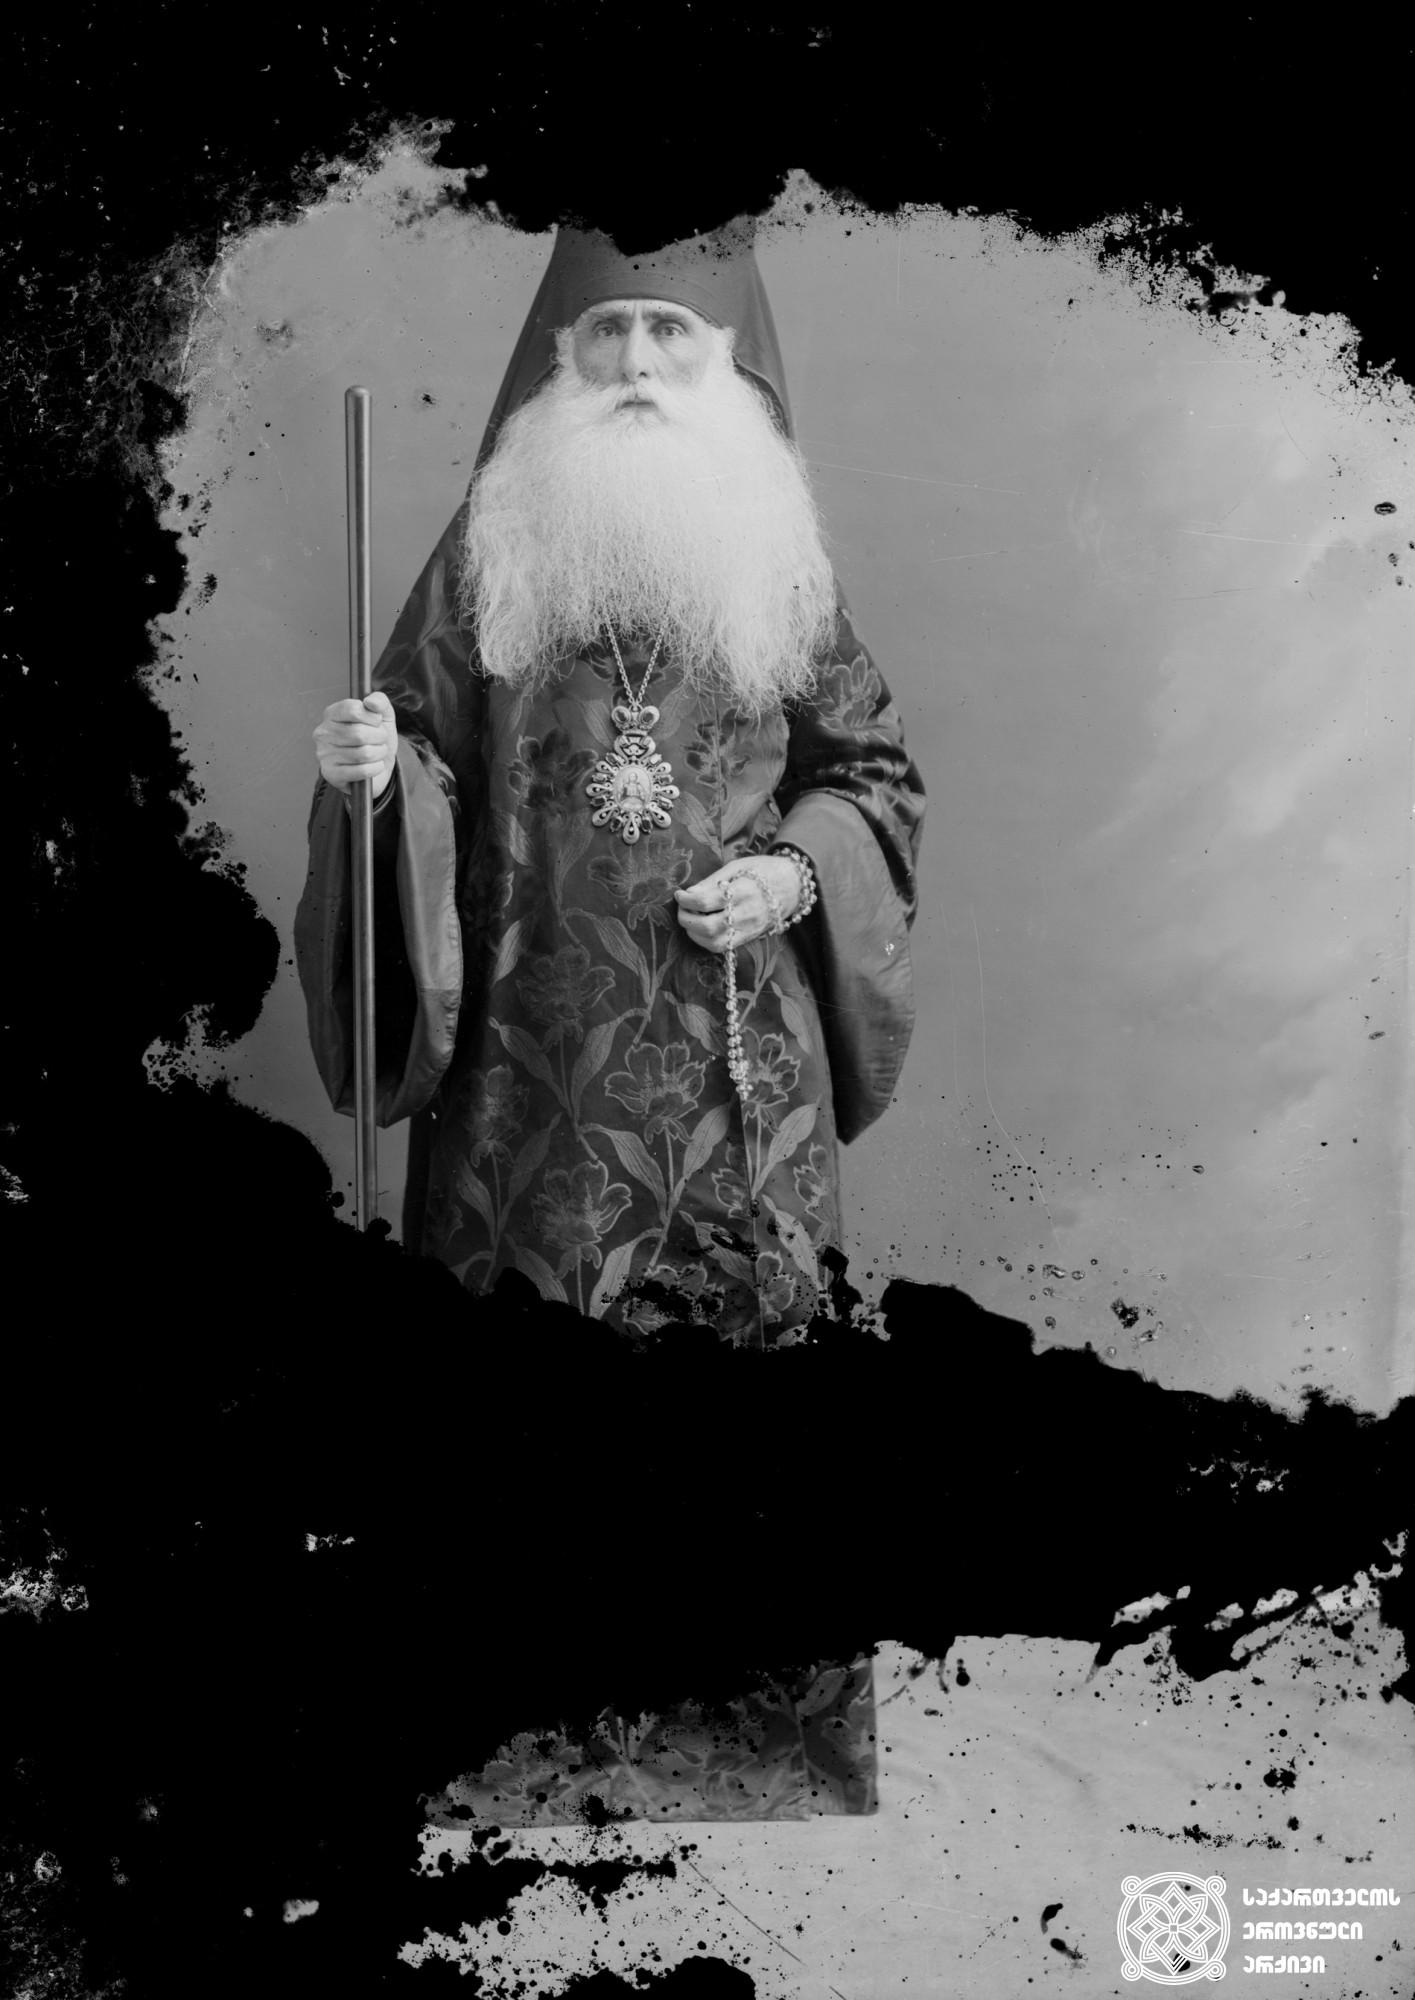 იმერეთის ეპისკოპოსი გიორგი ალადაშვილი (1850-1924). <br> ქუთაისი. 1913. <br>  მინის ნეგატივი 12X16. <br> Bishop Giorgi Aladashvili of Imereti (1850-1924). <br> Kutaisi. 1913. <br> Glass negative 12X16. <br>